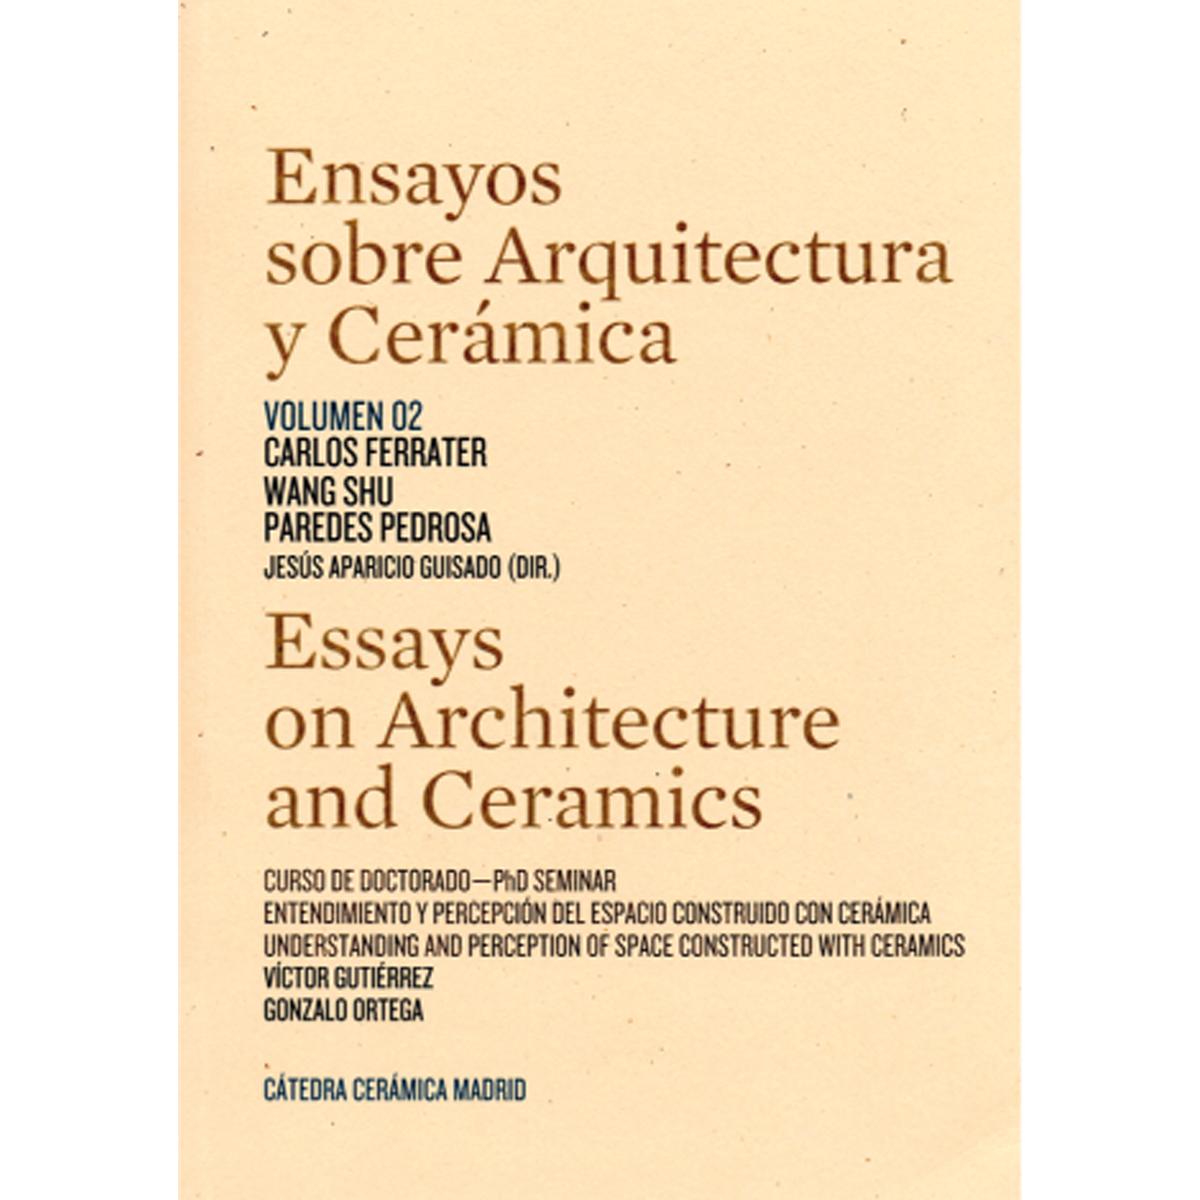 Essays on Architecture and Ceramics